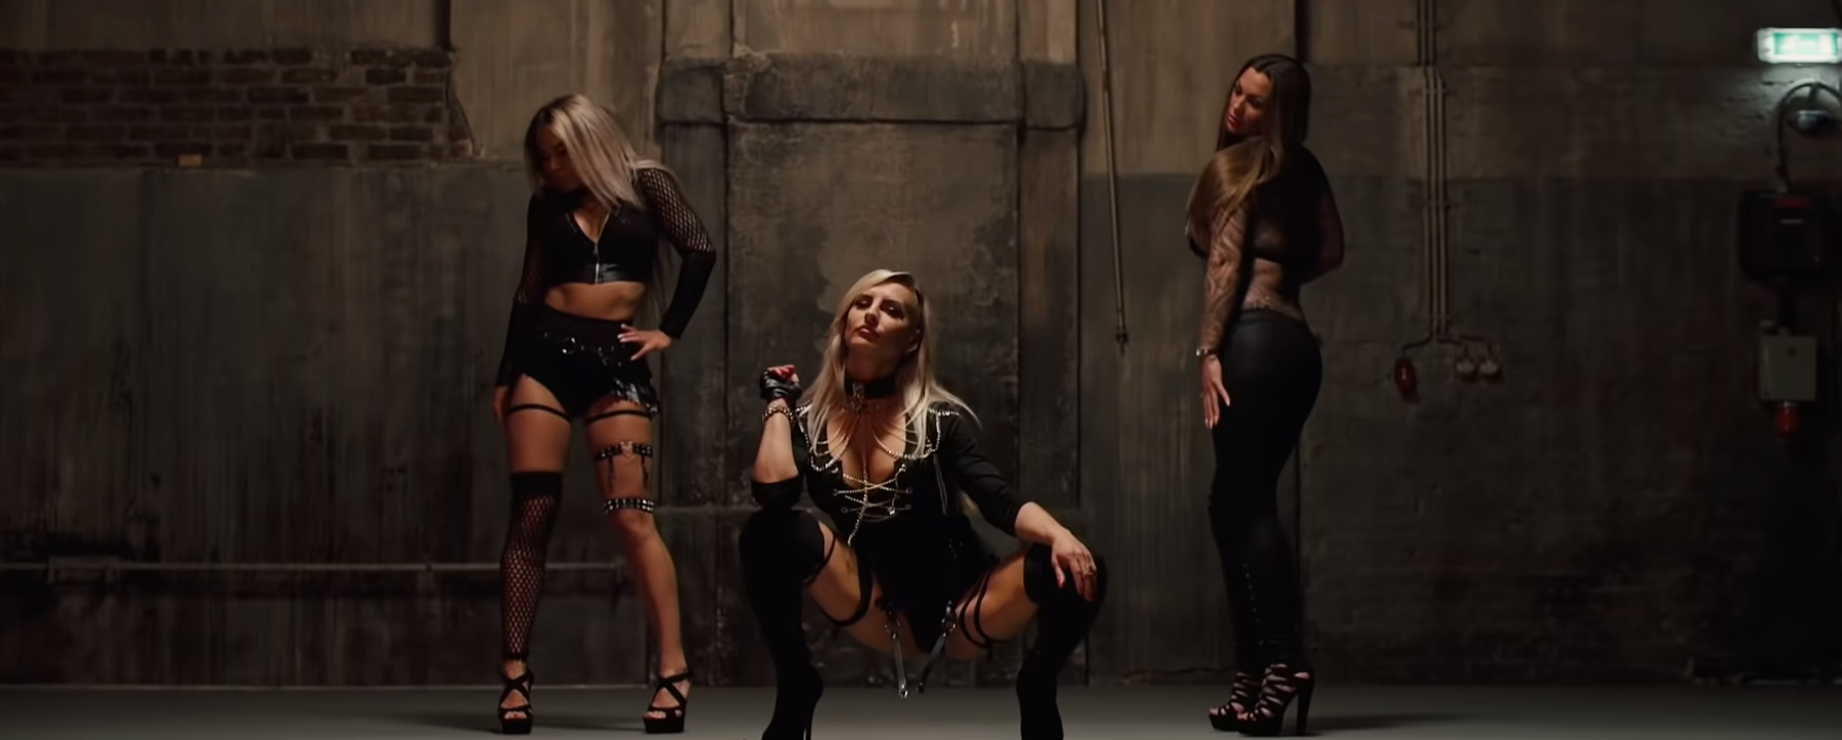 Gogo Tänzerinnnen für Musikvideo buchen